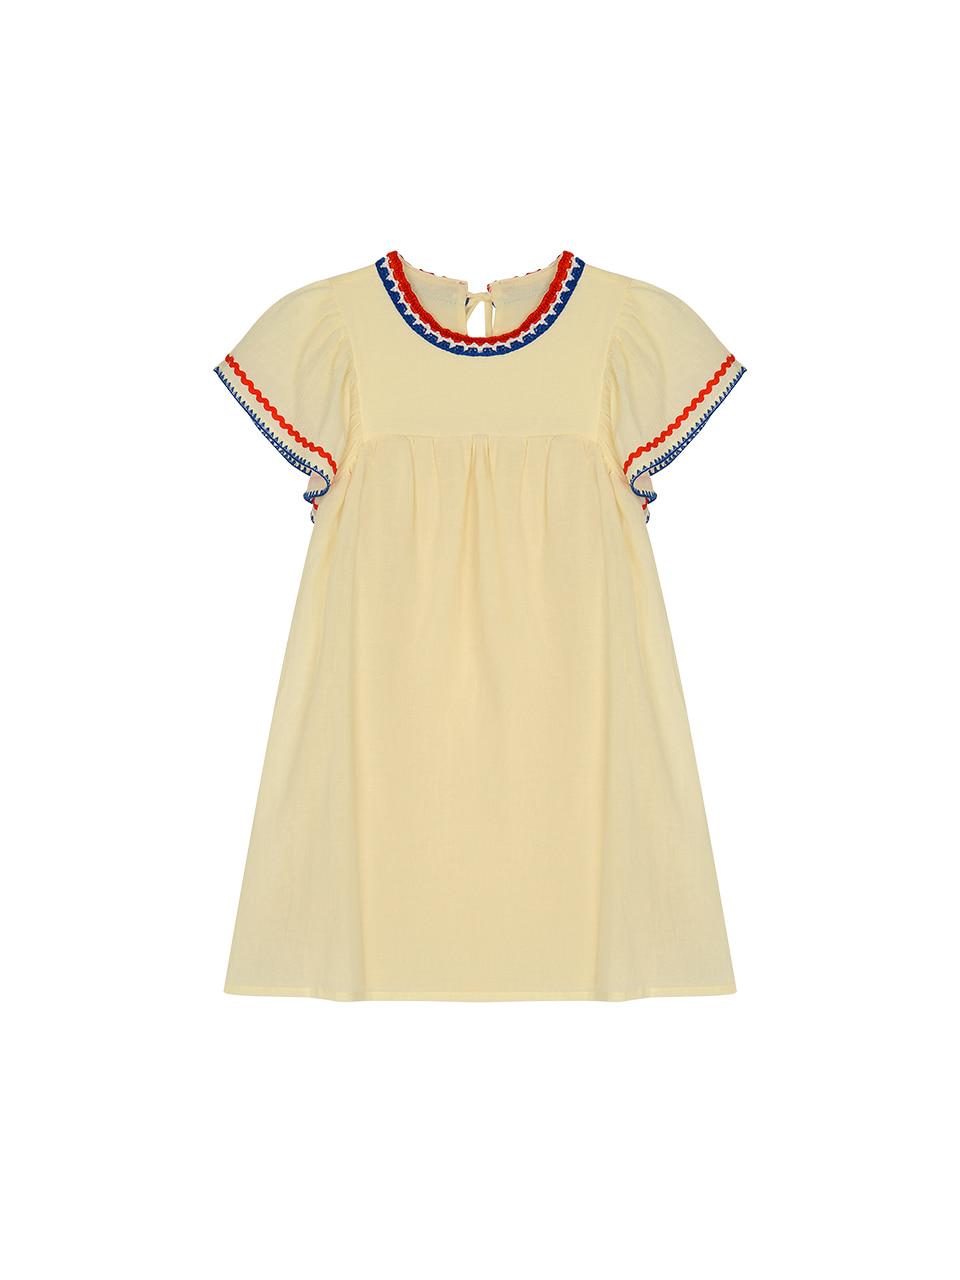 AILISH DRESSswimwear,수영복,비키니,데이즈데이즈,dazedayz,디자이너수영복,스윔웨어